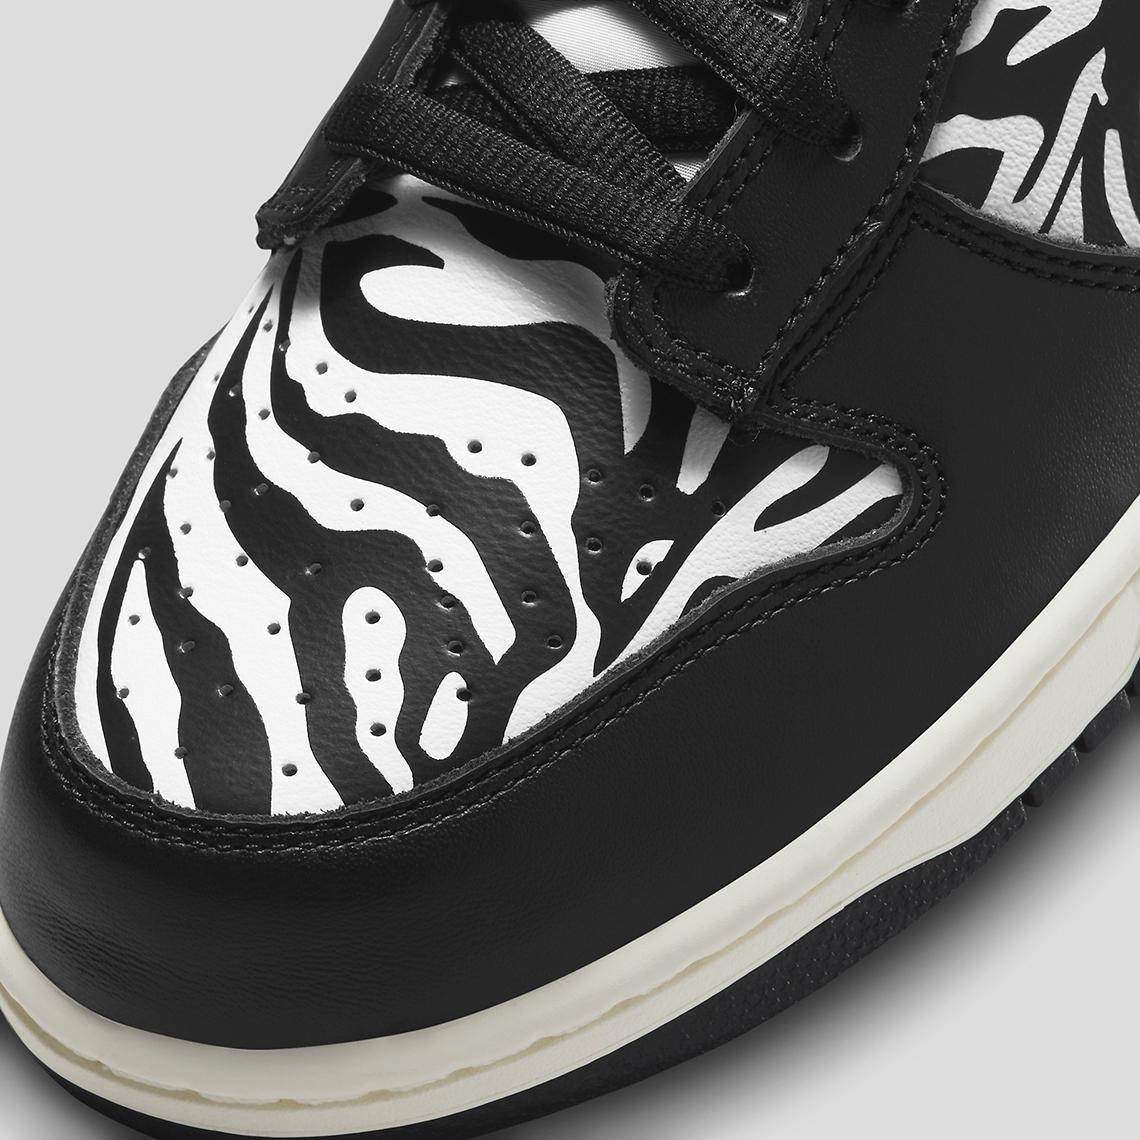 Quartersnacks x Nike SB Dunk Low ''Zebra'' - DM3510-001